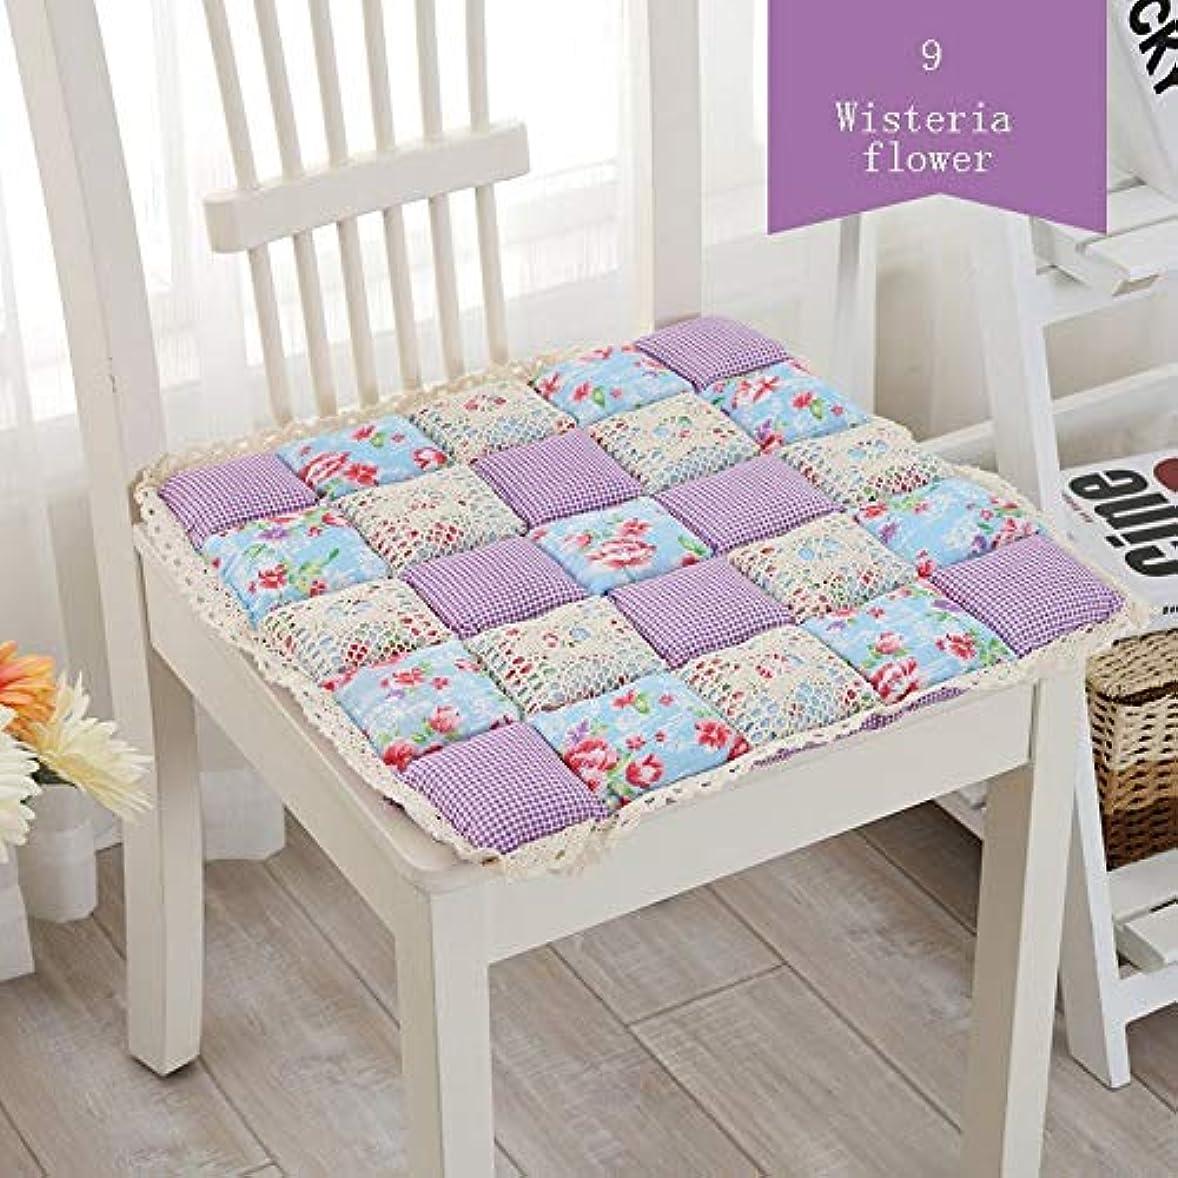 目覚めるトラフィック羊飼いLIFE 1 個抗褥瘡綿椅子クッション 24 色ファッションオフィス正方形クッション学生チェアクッション家の装飾厚み クッション 椅子